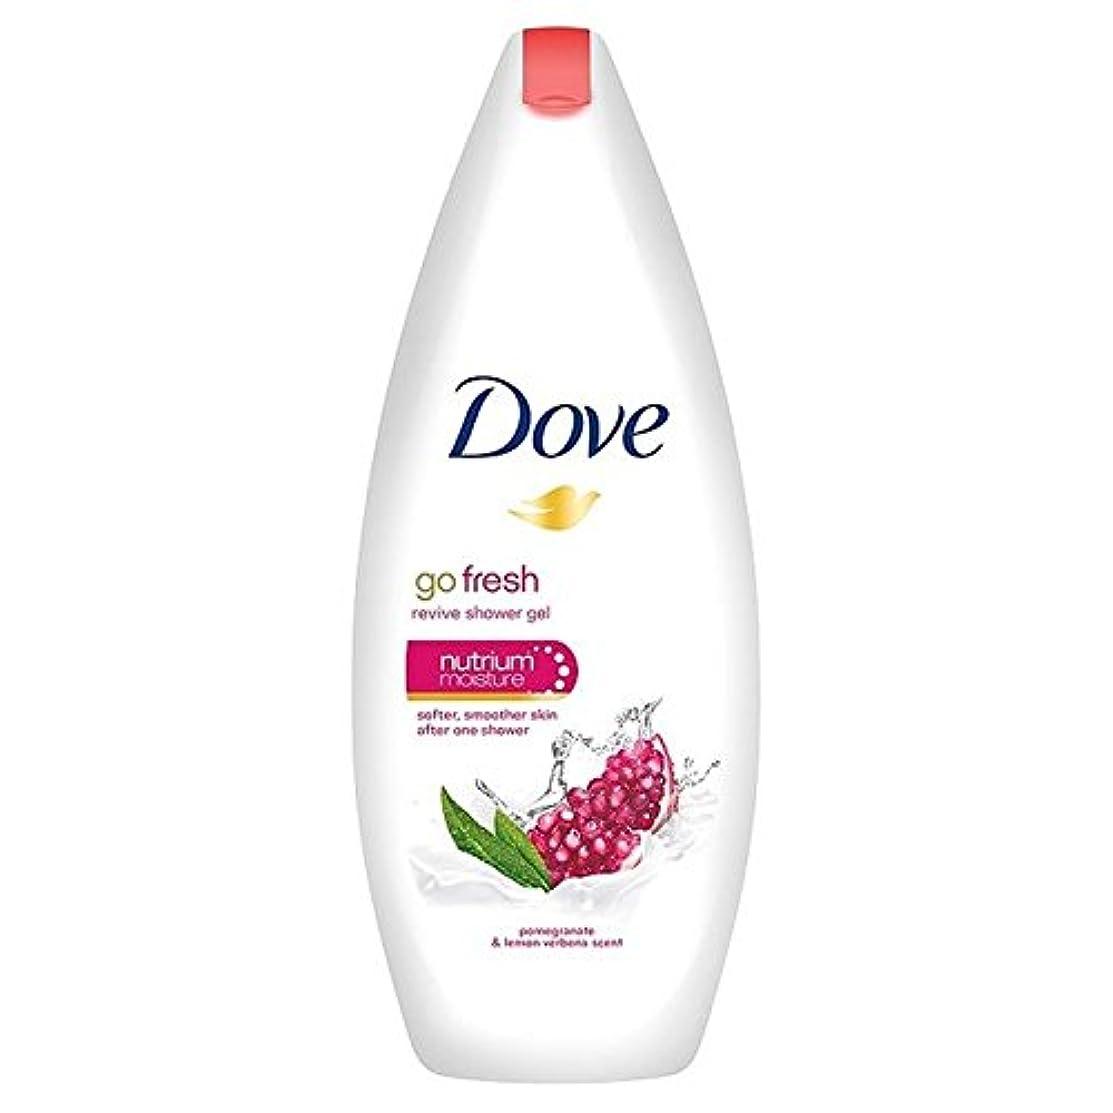 勤勉な劇作家童謡Dove Go Fresh Pomegranate Body Wash 250ml (Pack of 6) - 鳩は、新鮮なザクロボディウォッシュ250ミリリットルを行きます x6 [並行輸入品]